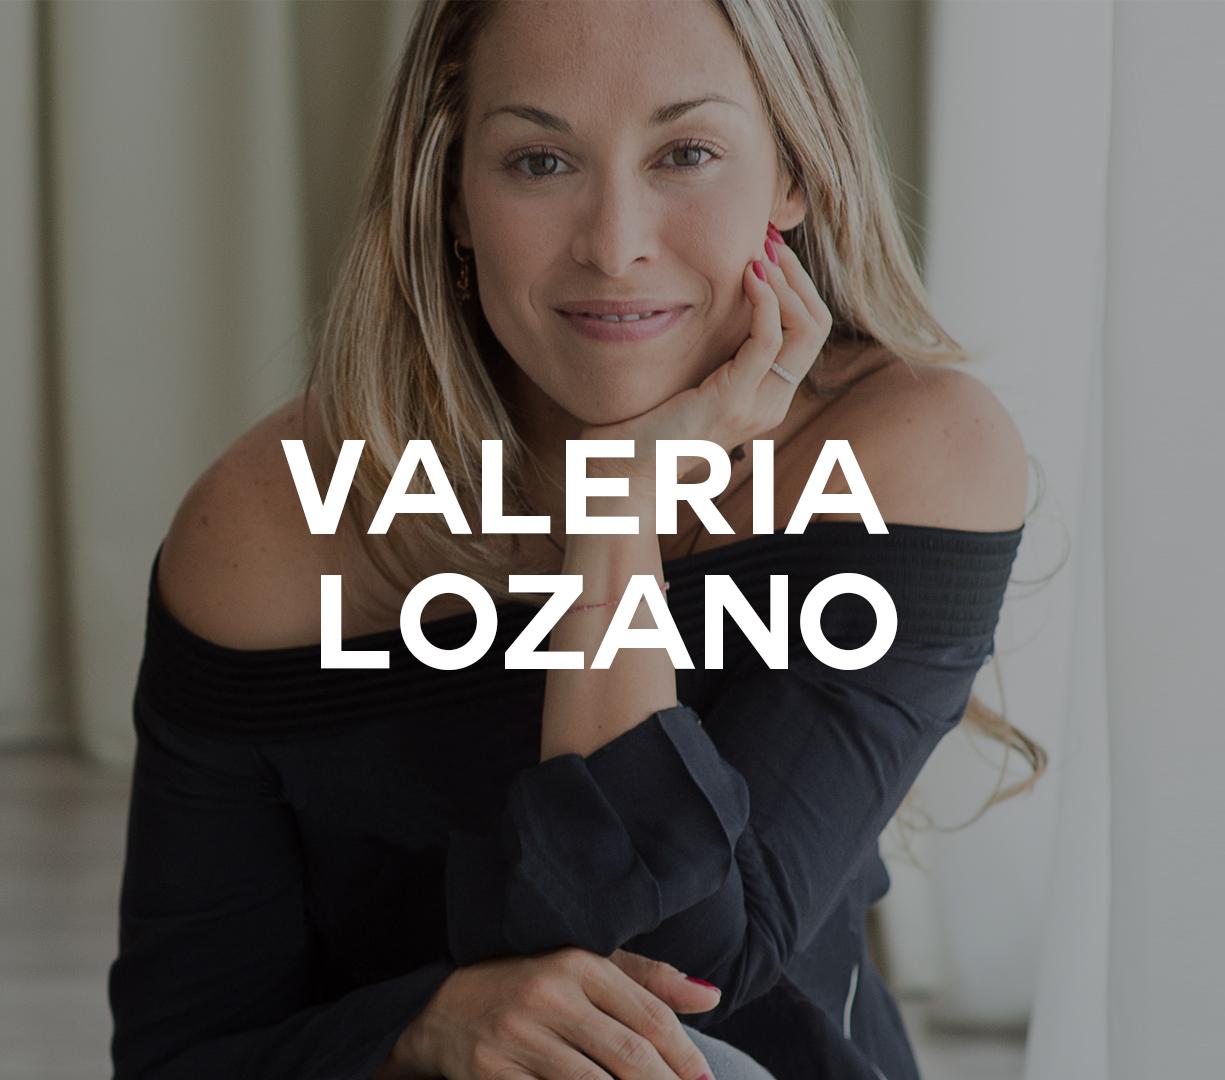 valeria_lozano.jpg